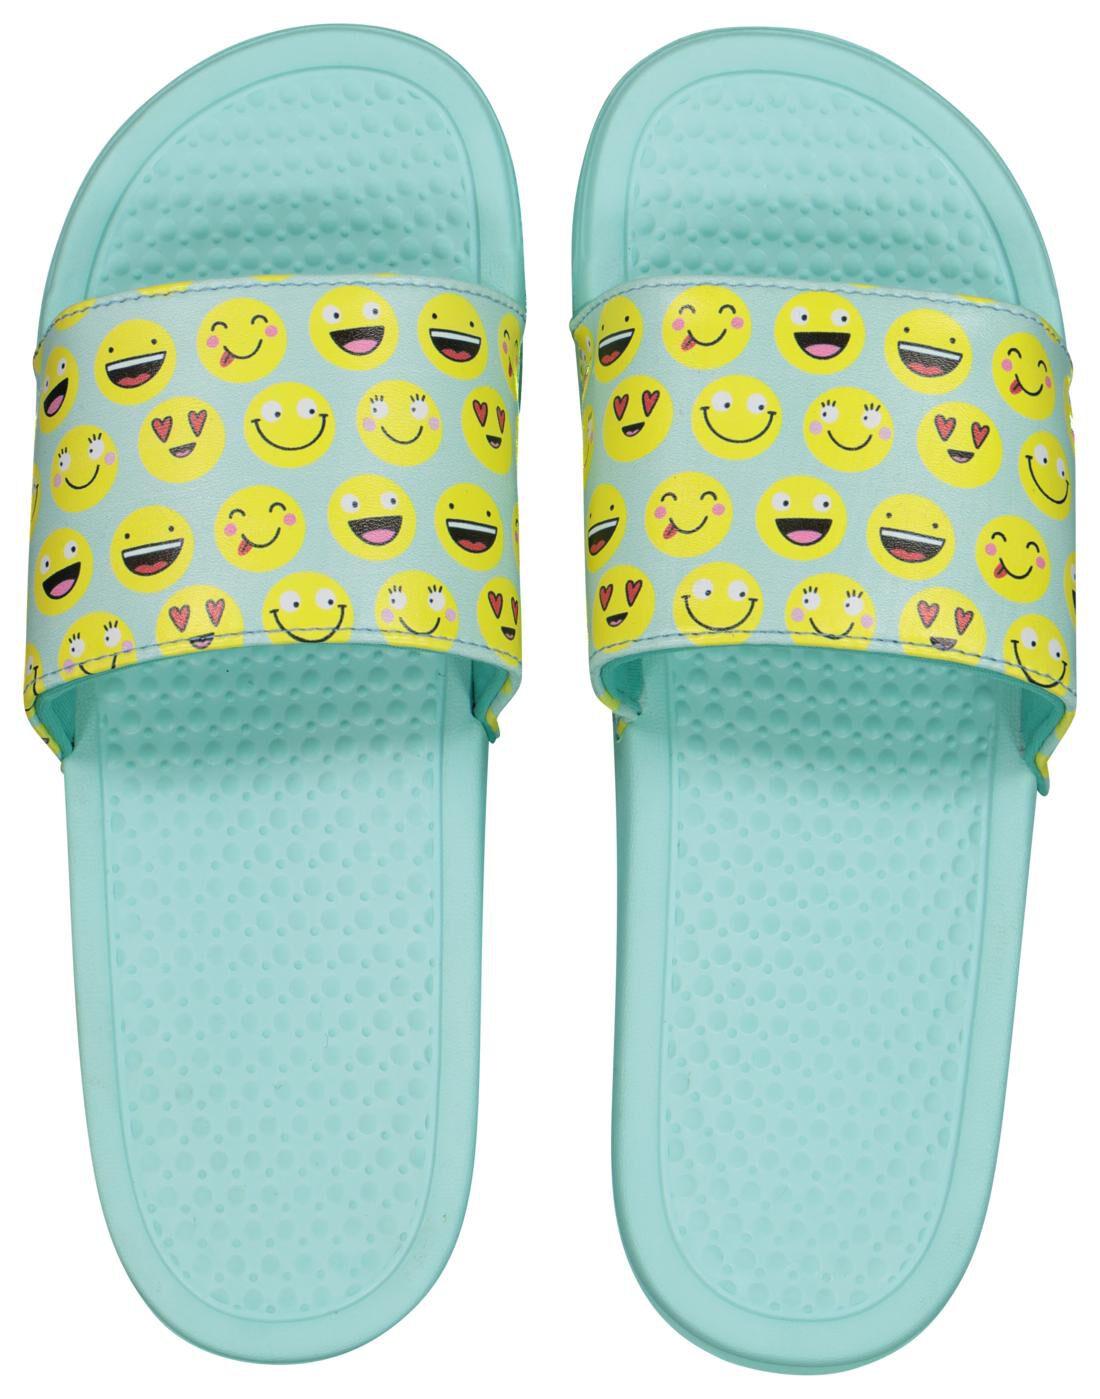 HEMA Slippers 40/41